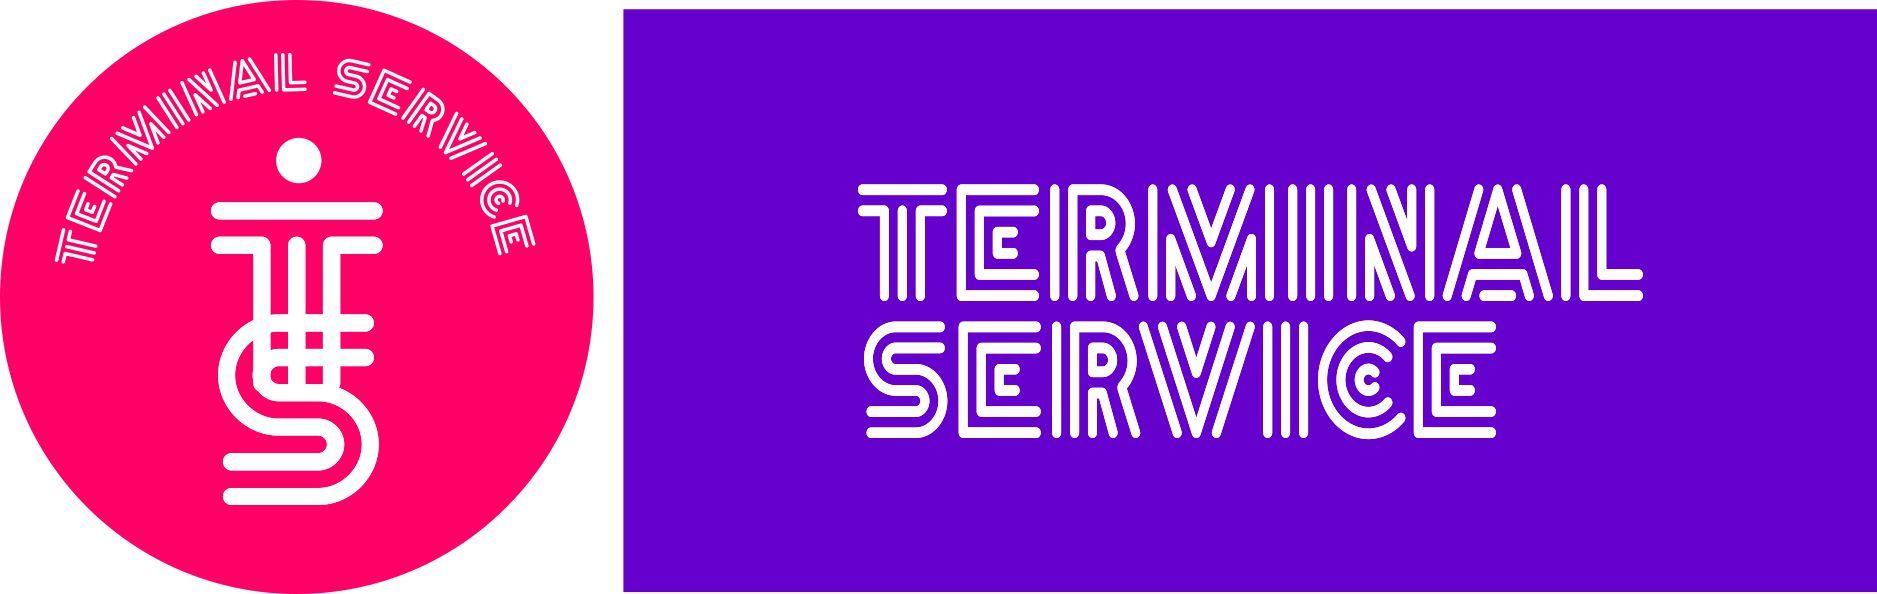 Требуется обновление логотипа компании - дизайнер visento